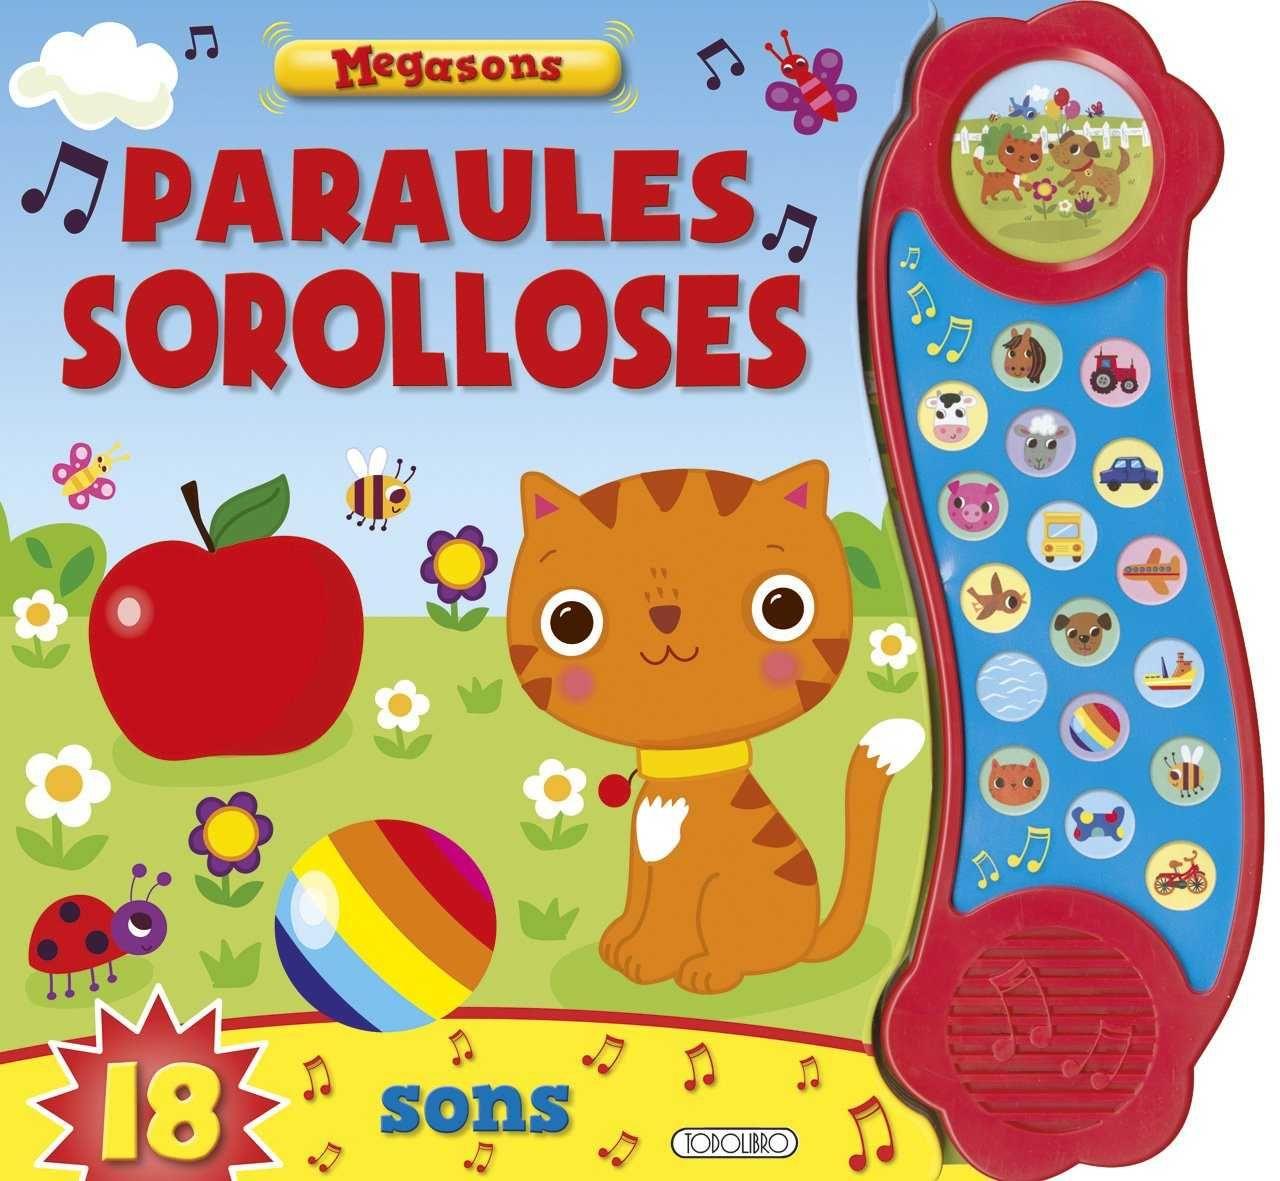 PARAULES SOROLLOSES MEGASONS